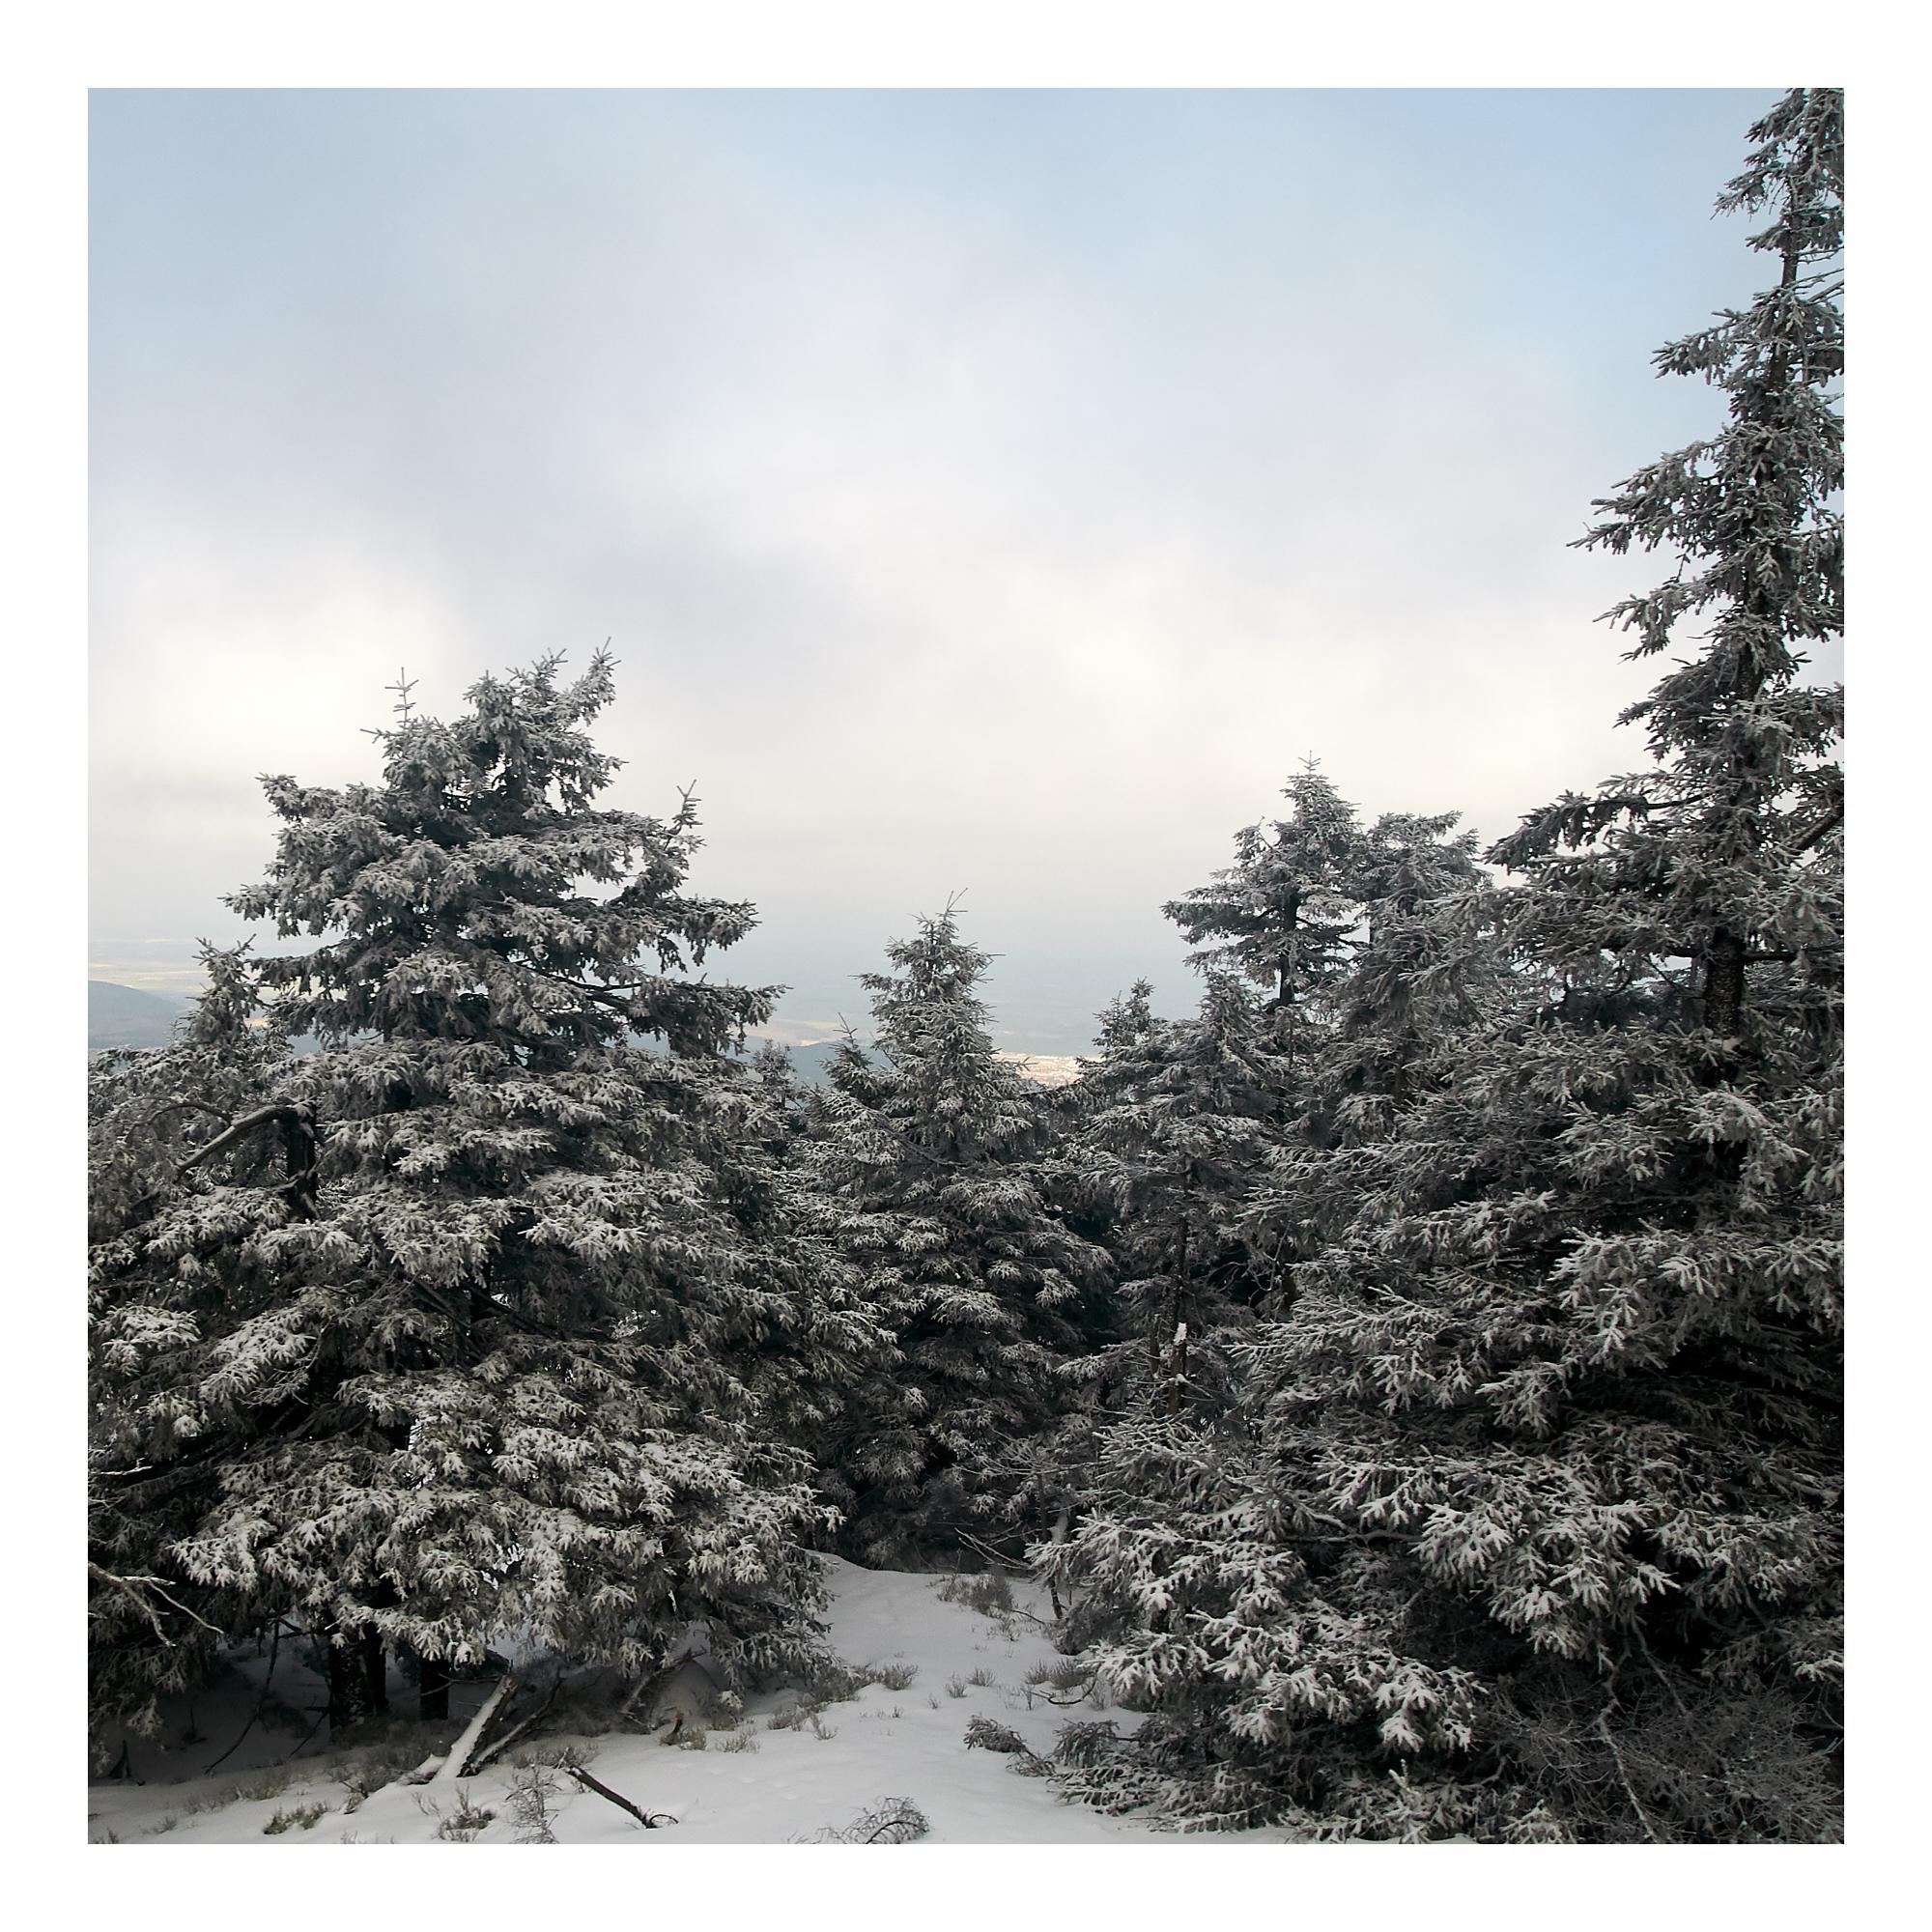 Brockentrees-untitled-0532 1.jpg